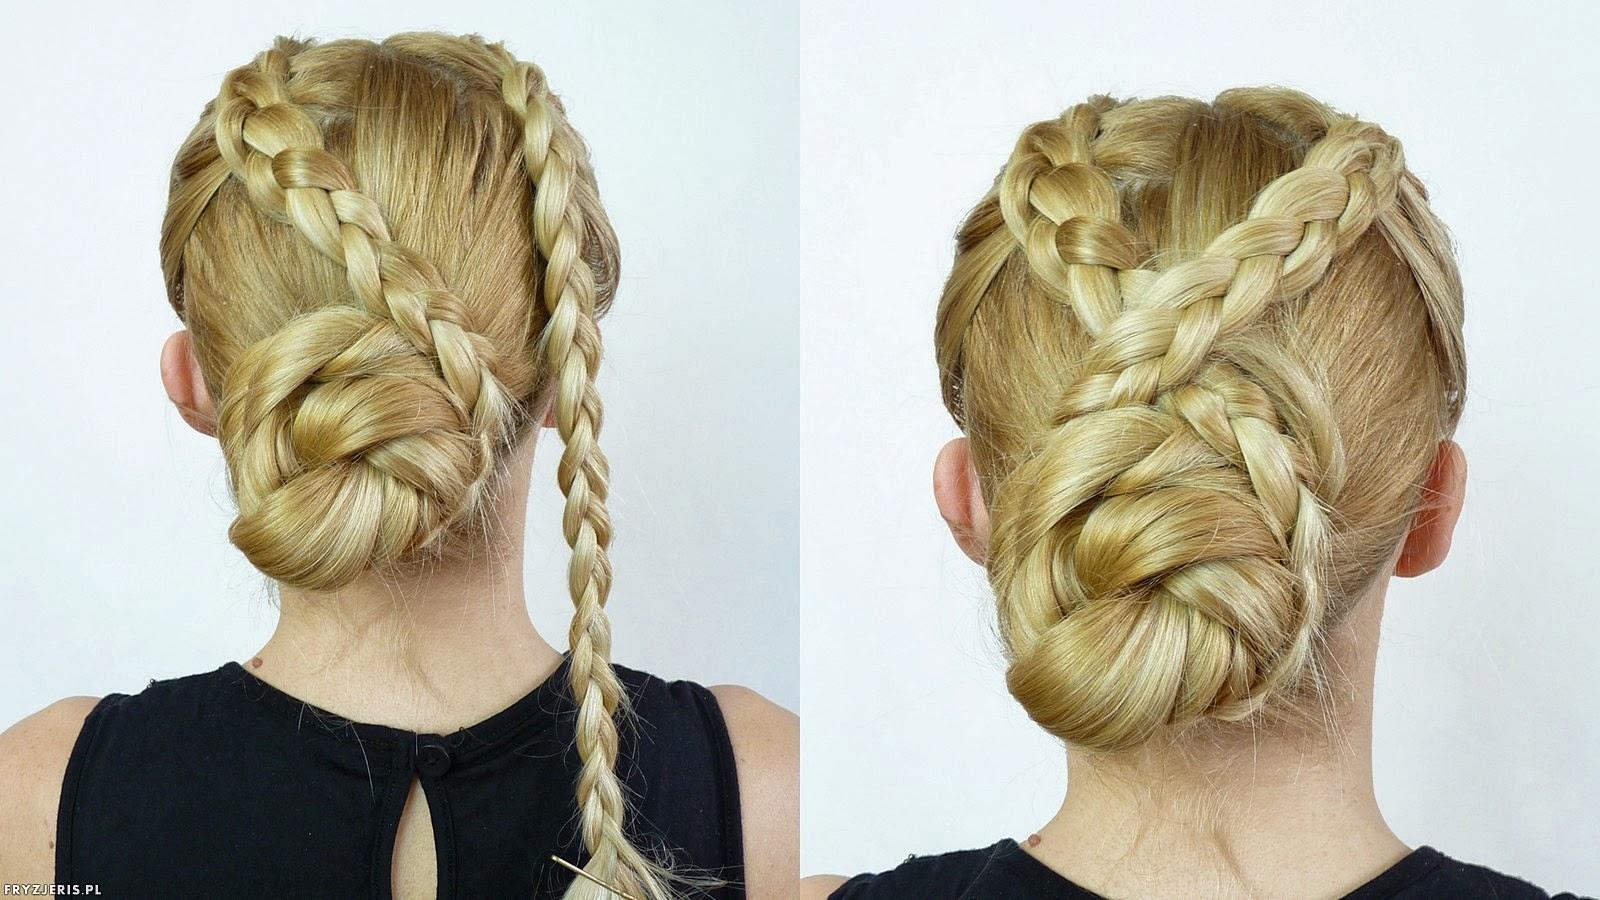 fryzura fryzura kok z dwoma warkoczami - krok 2